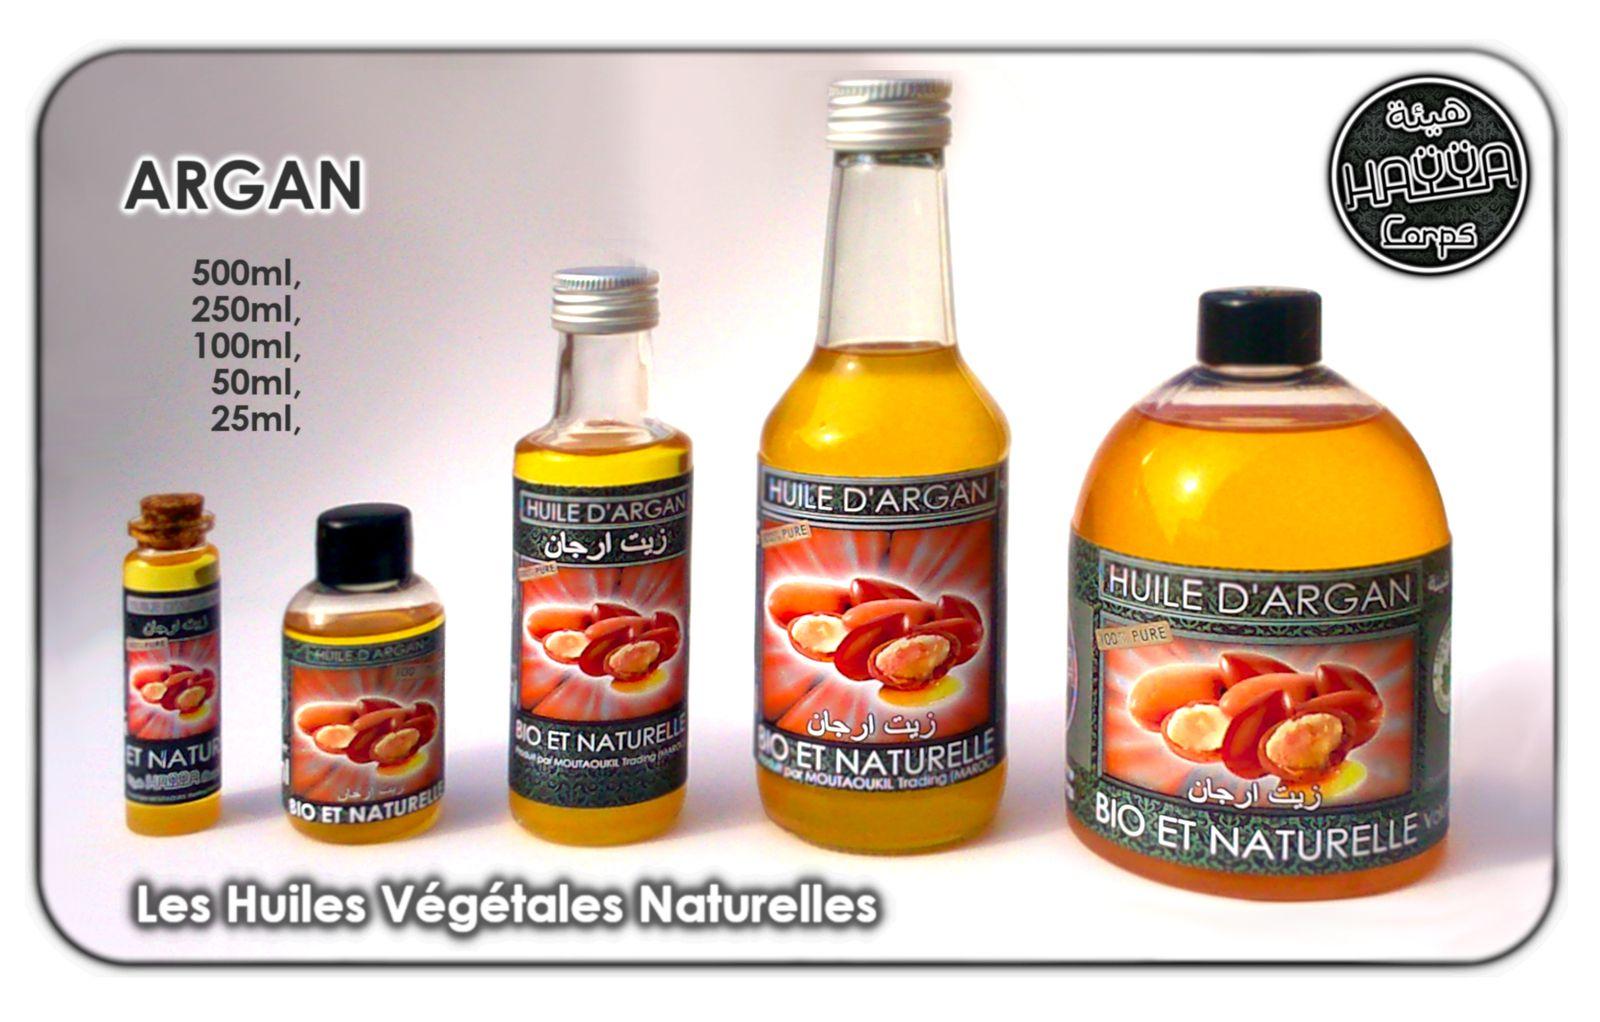 HAŸŸA Corps - Produits de Soins Corporels - 100% Bio et Naturels.